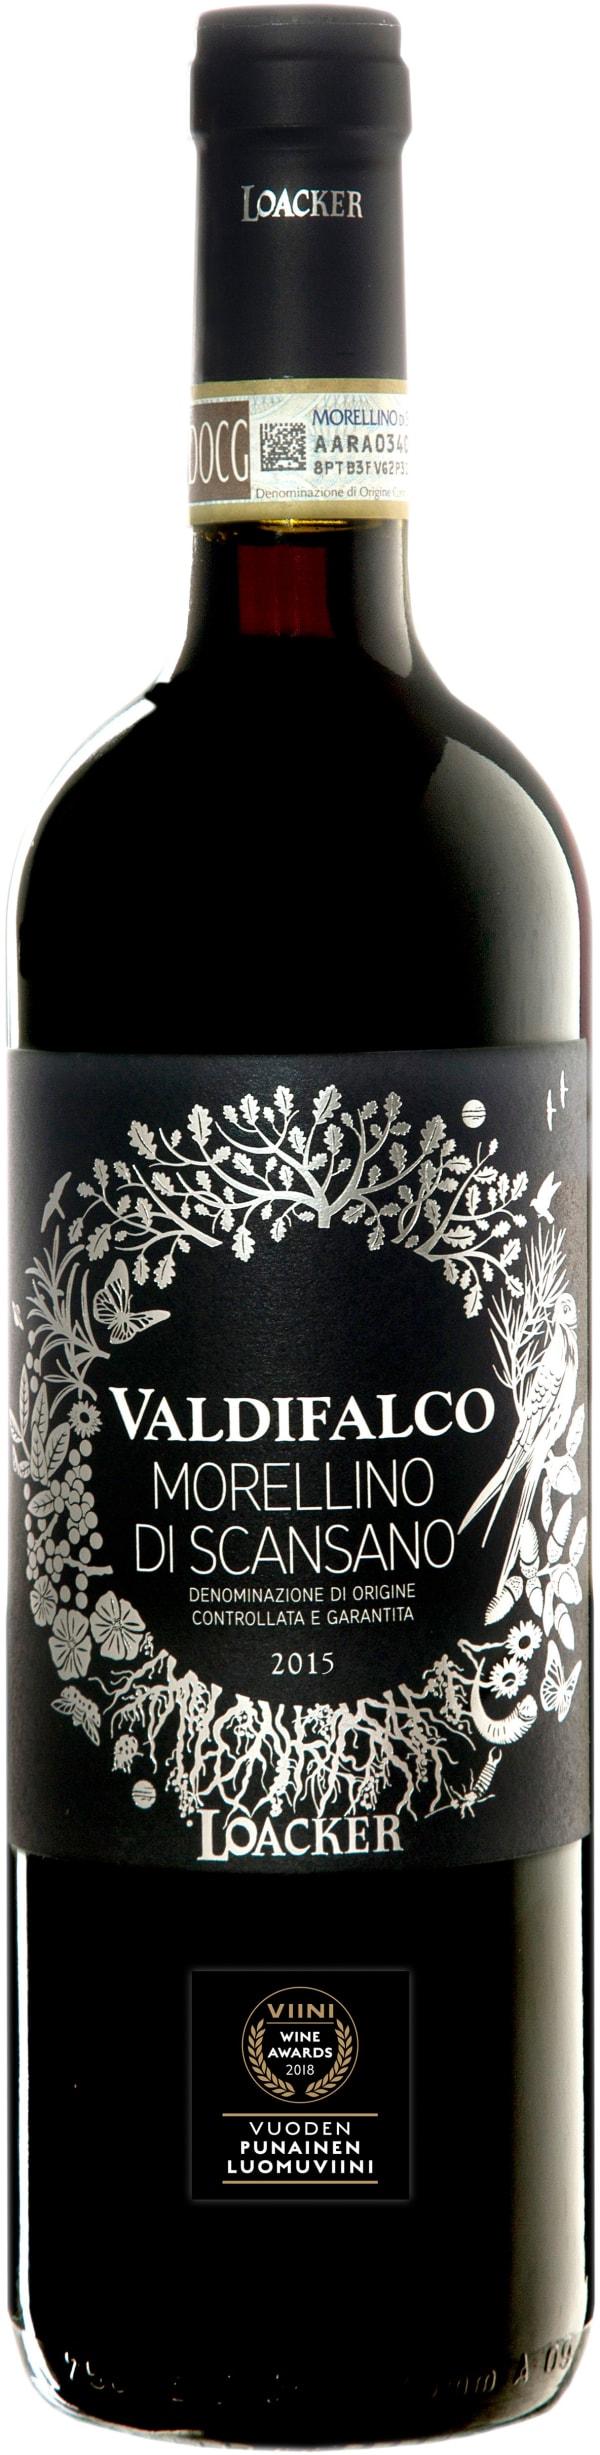 Valdifalco Morellino di Scansano 2015